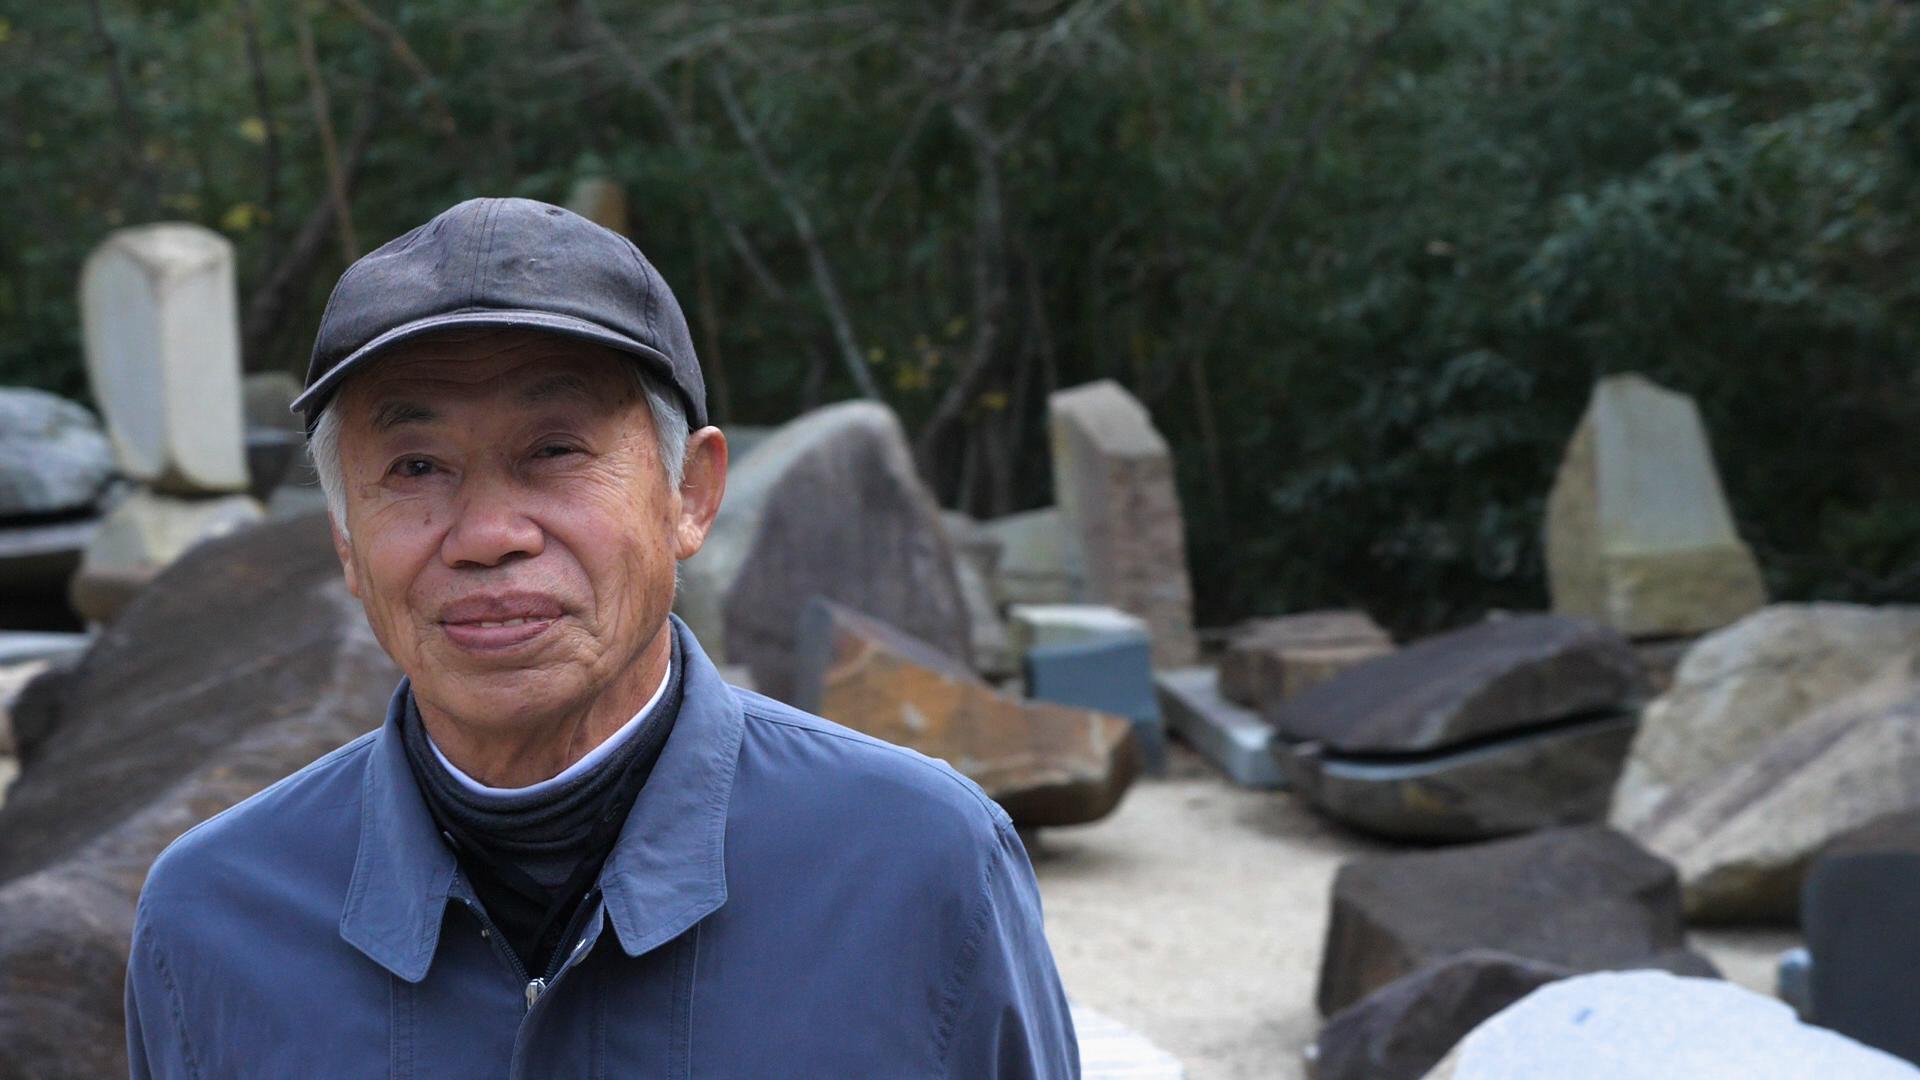 Masatoshi Izumi: The Soul of Stones - Masatoshi Izumi's family's relationship with stone goes back hundreds of years.Season 4, Episode 6